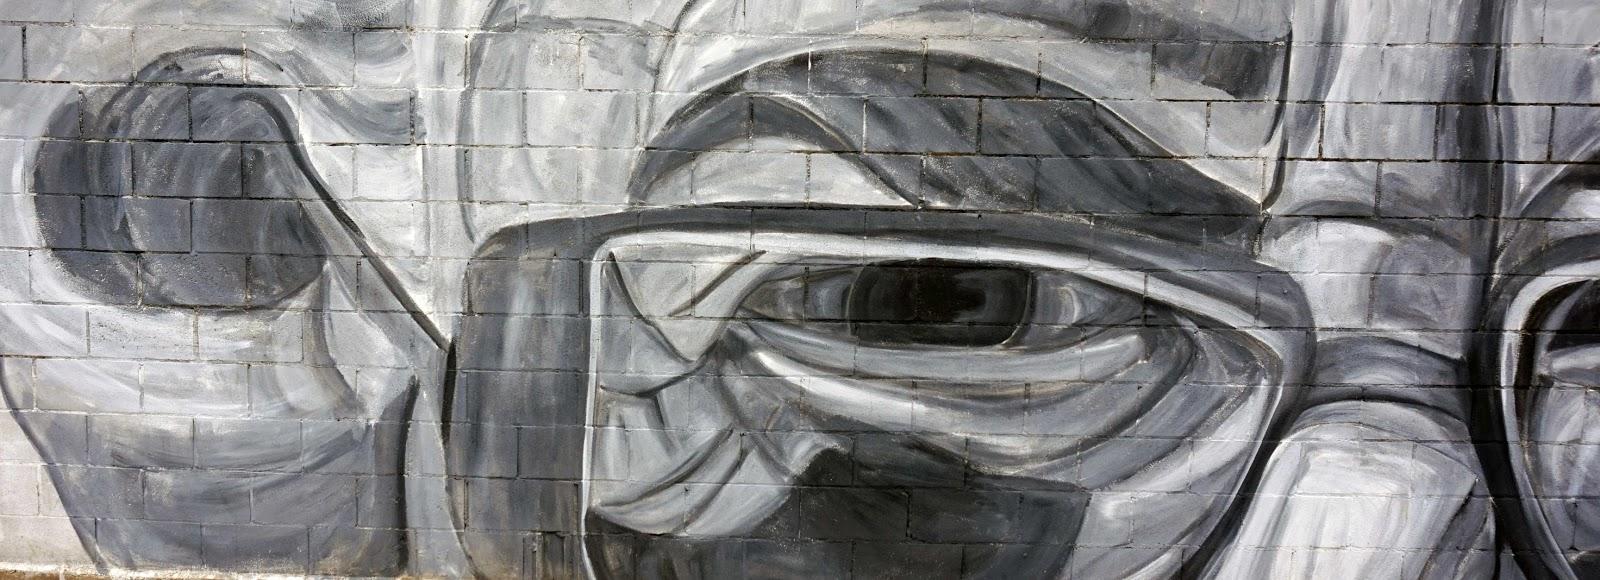 The stare graffiti